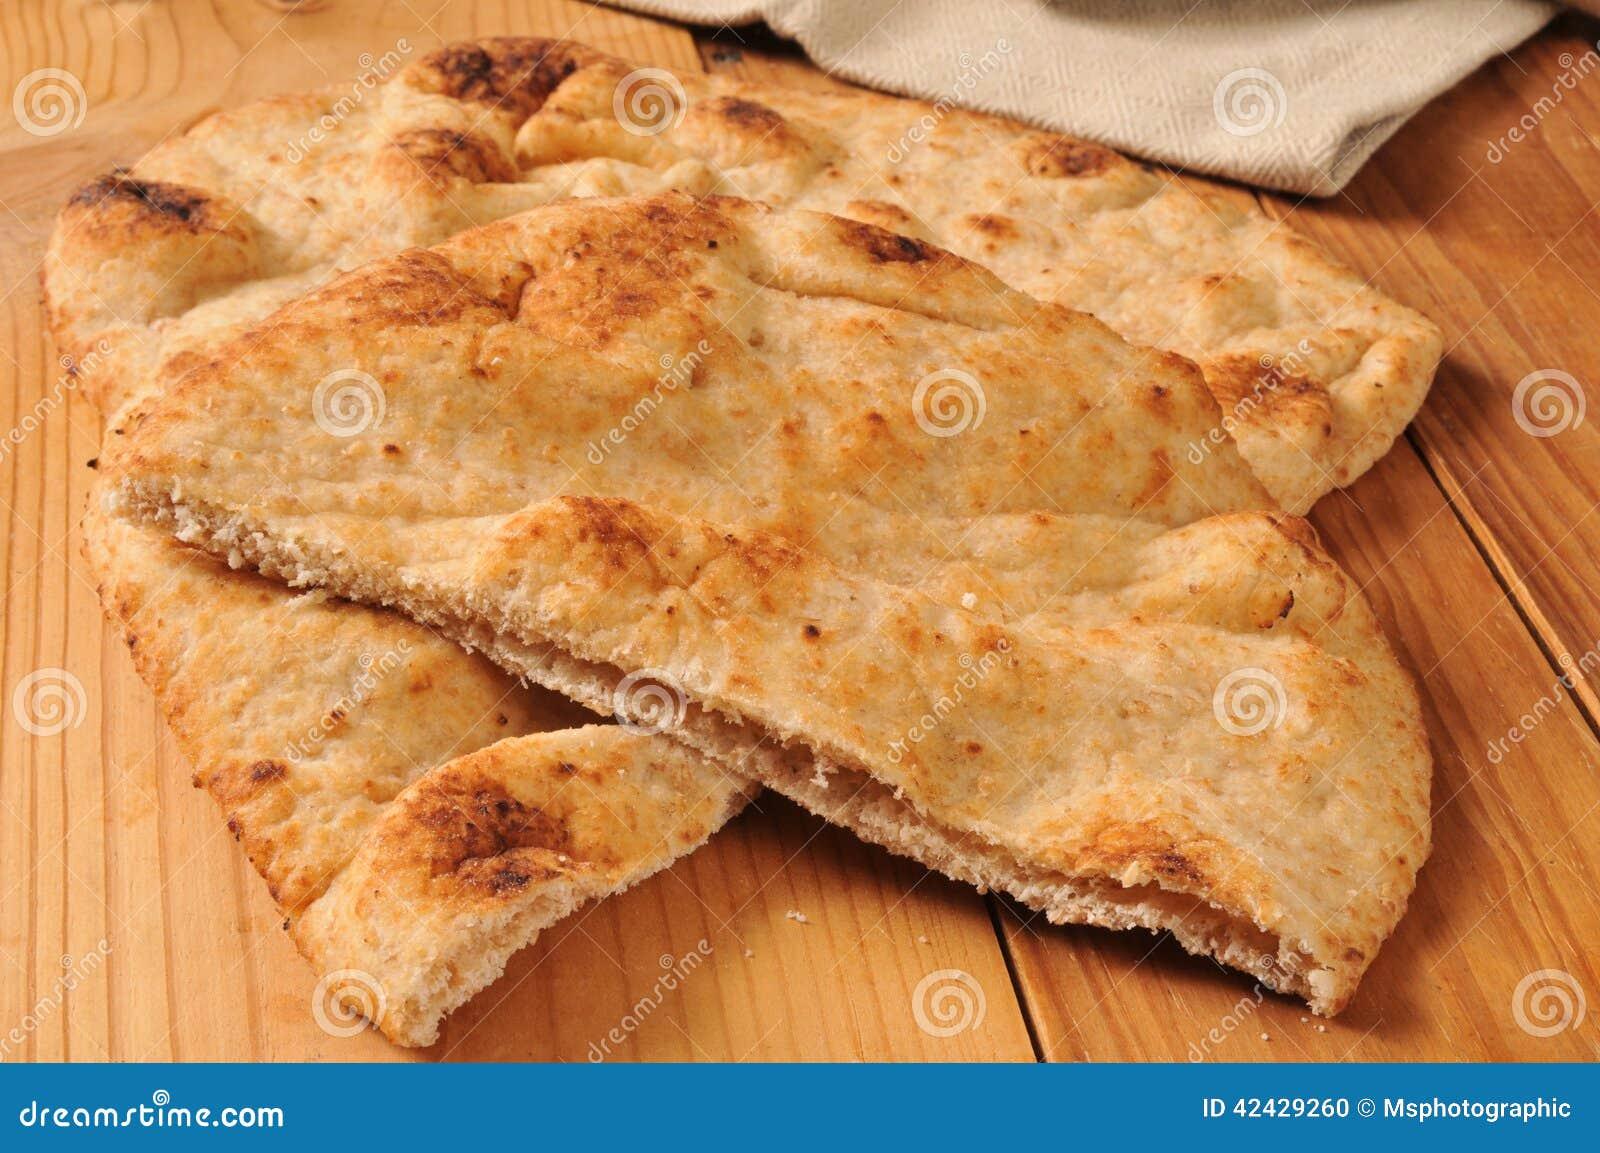 Pan de Naan